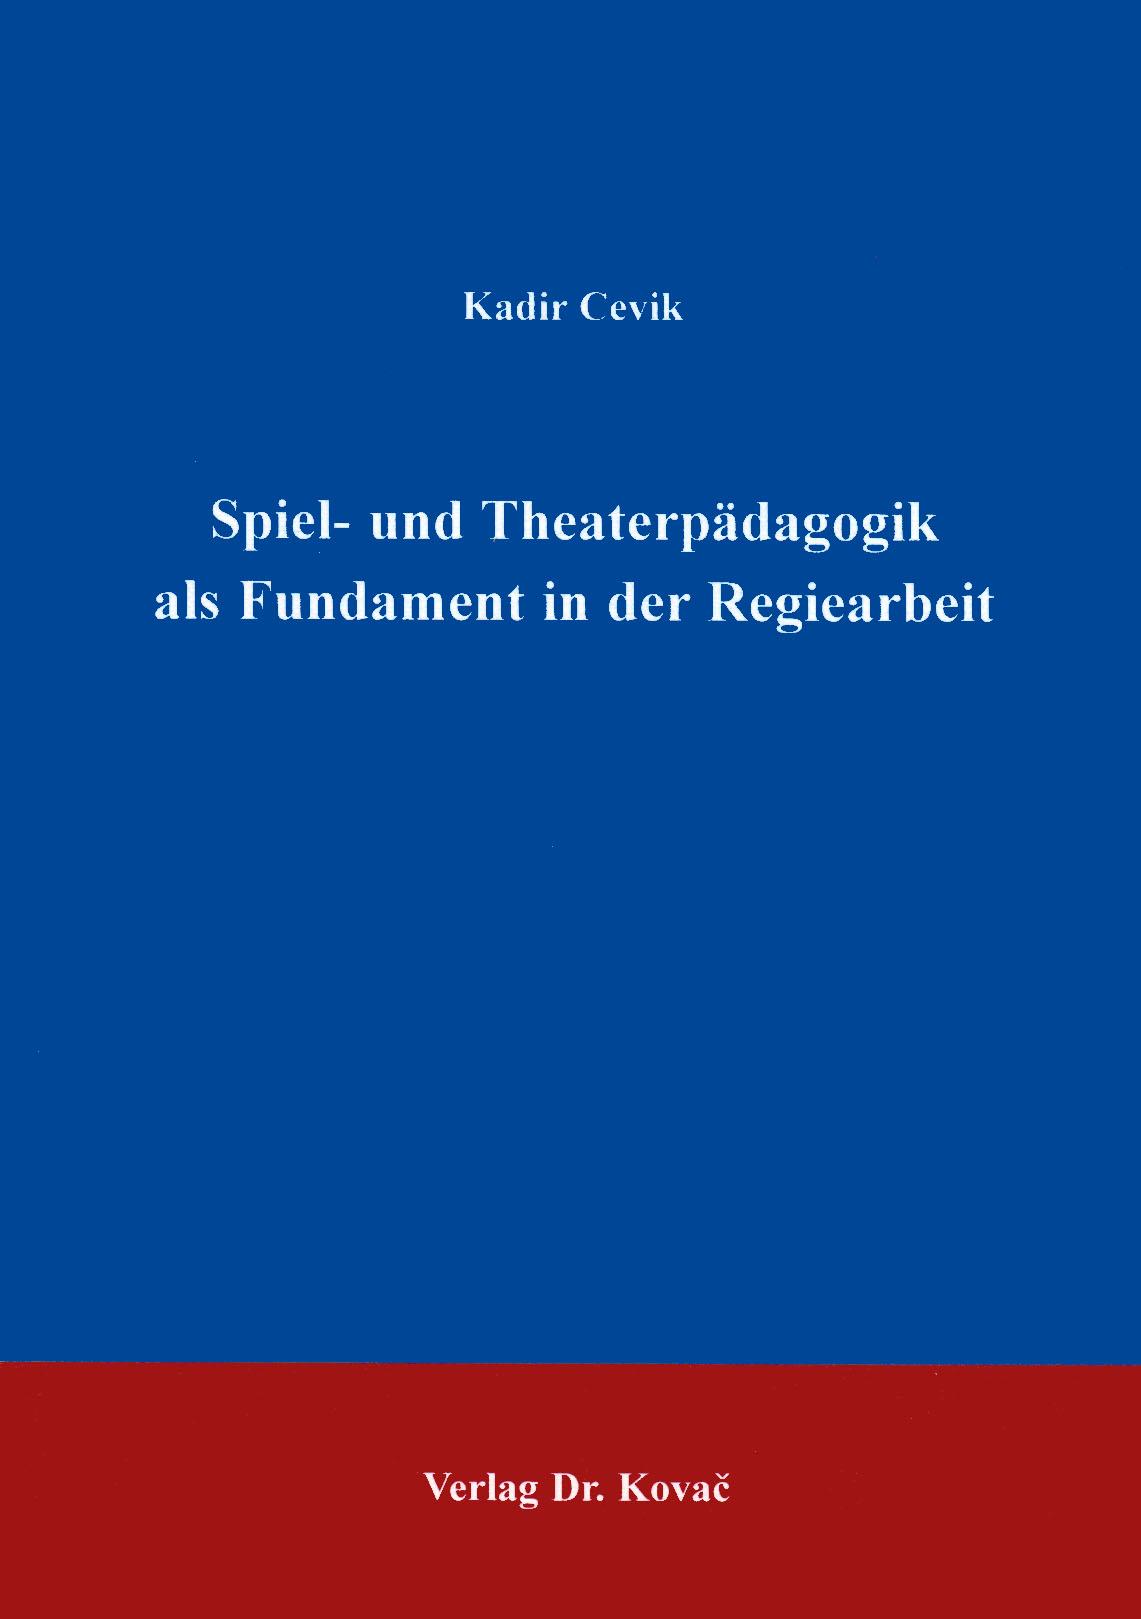 Cover: Spiel- und Theaterpädagogik als Fundament in der Regiearbeit